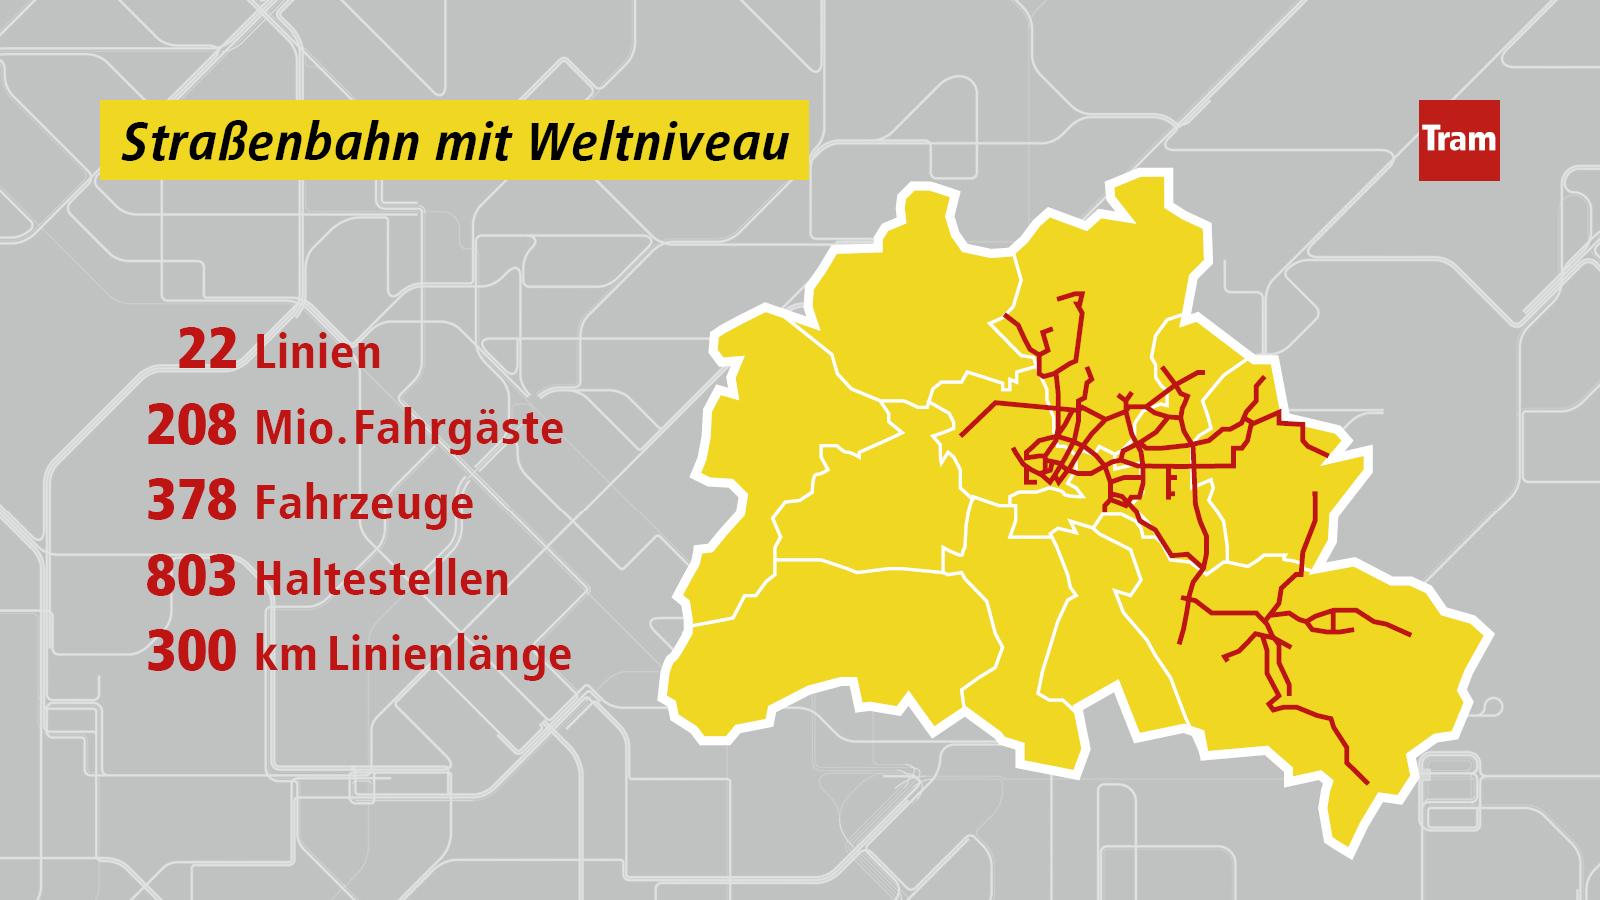 Auf einer gelben Landkarte ist mit Rot das Liniennetz der Tram in Berlin visualisiert. Daneben stehen Fakten zur Tram in Berlin: 22 Linien, 208 Mio. Fahrgäste, 378 Fahrzeuge , 803 Haltestellen, 300 km Linienlänge. Die Überschrift des Bildes lautet: Straßenbahn mit Weltniveau.